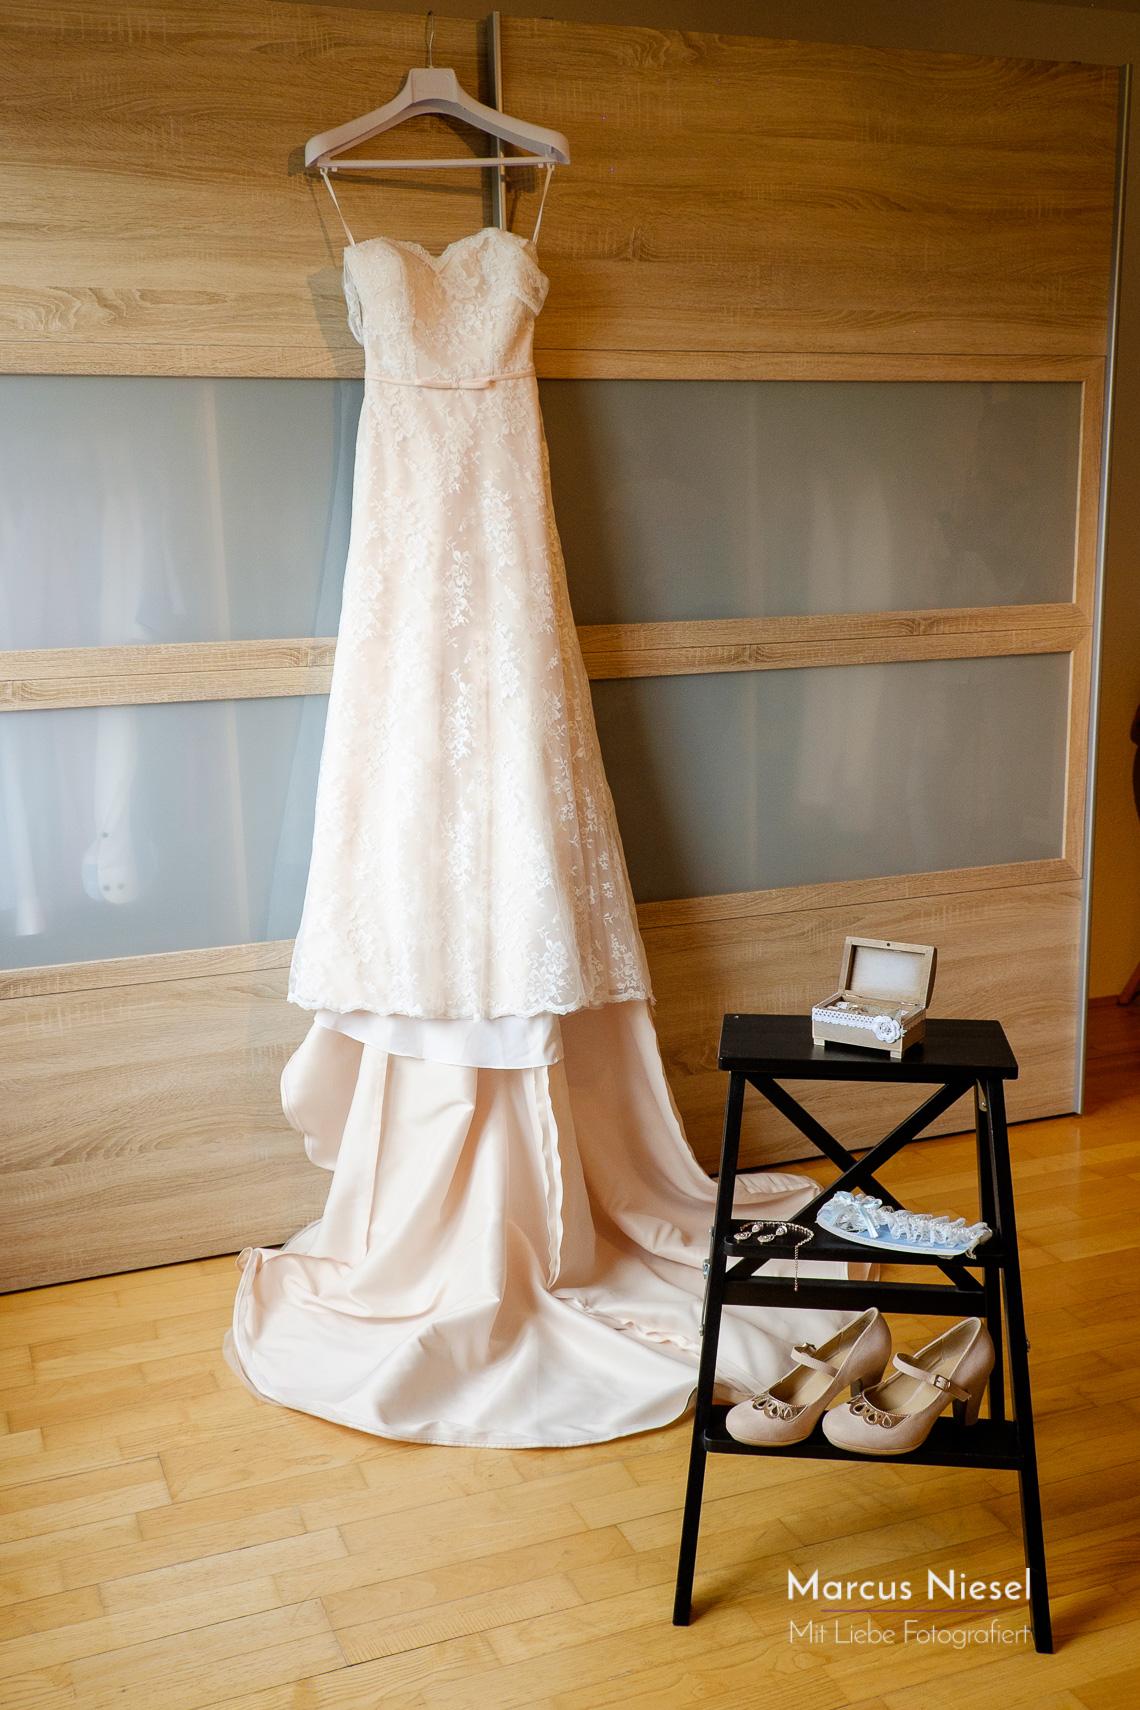 Die Vorbereitung der Hochzeit gehört mit zur Reportage dazu. Hier das Brautkleid und die dazugehörigen Accessoires.